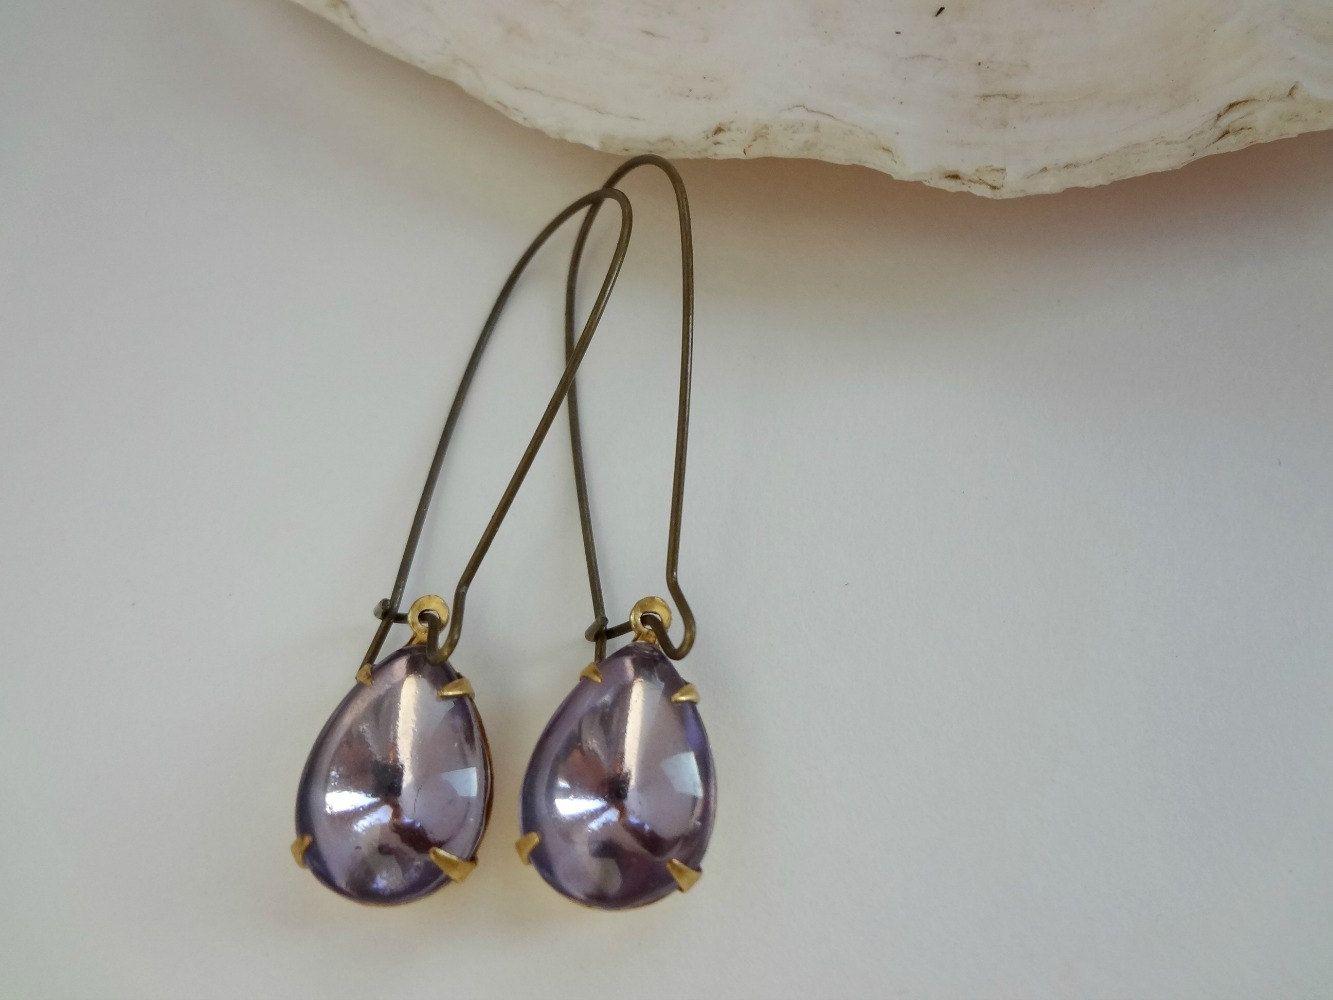 $18 / Simple Teardrop Earrings / Amethyst Pear Shape Glass / Gift ...